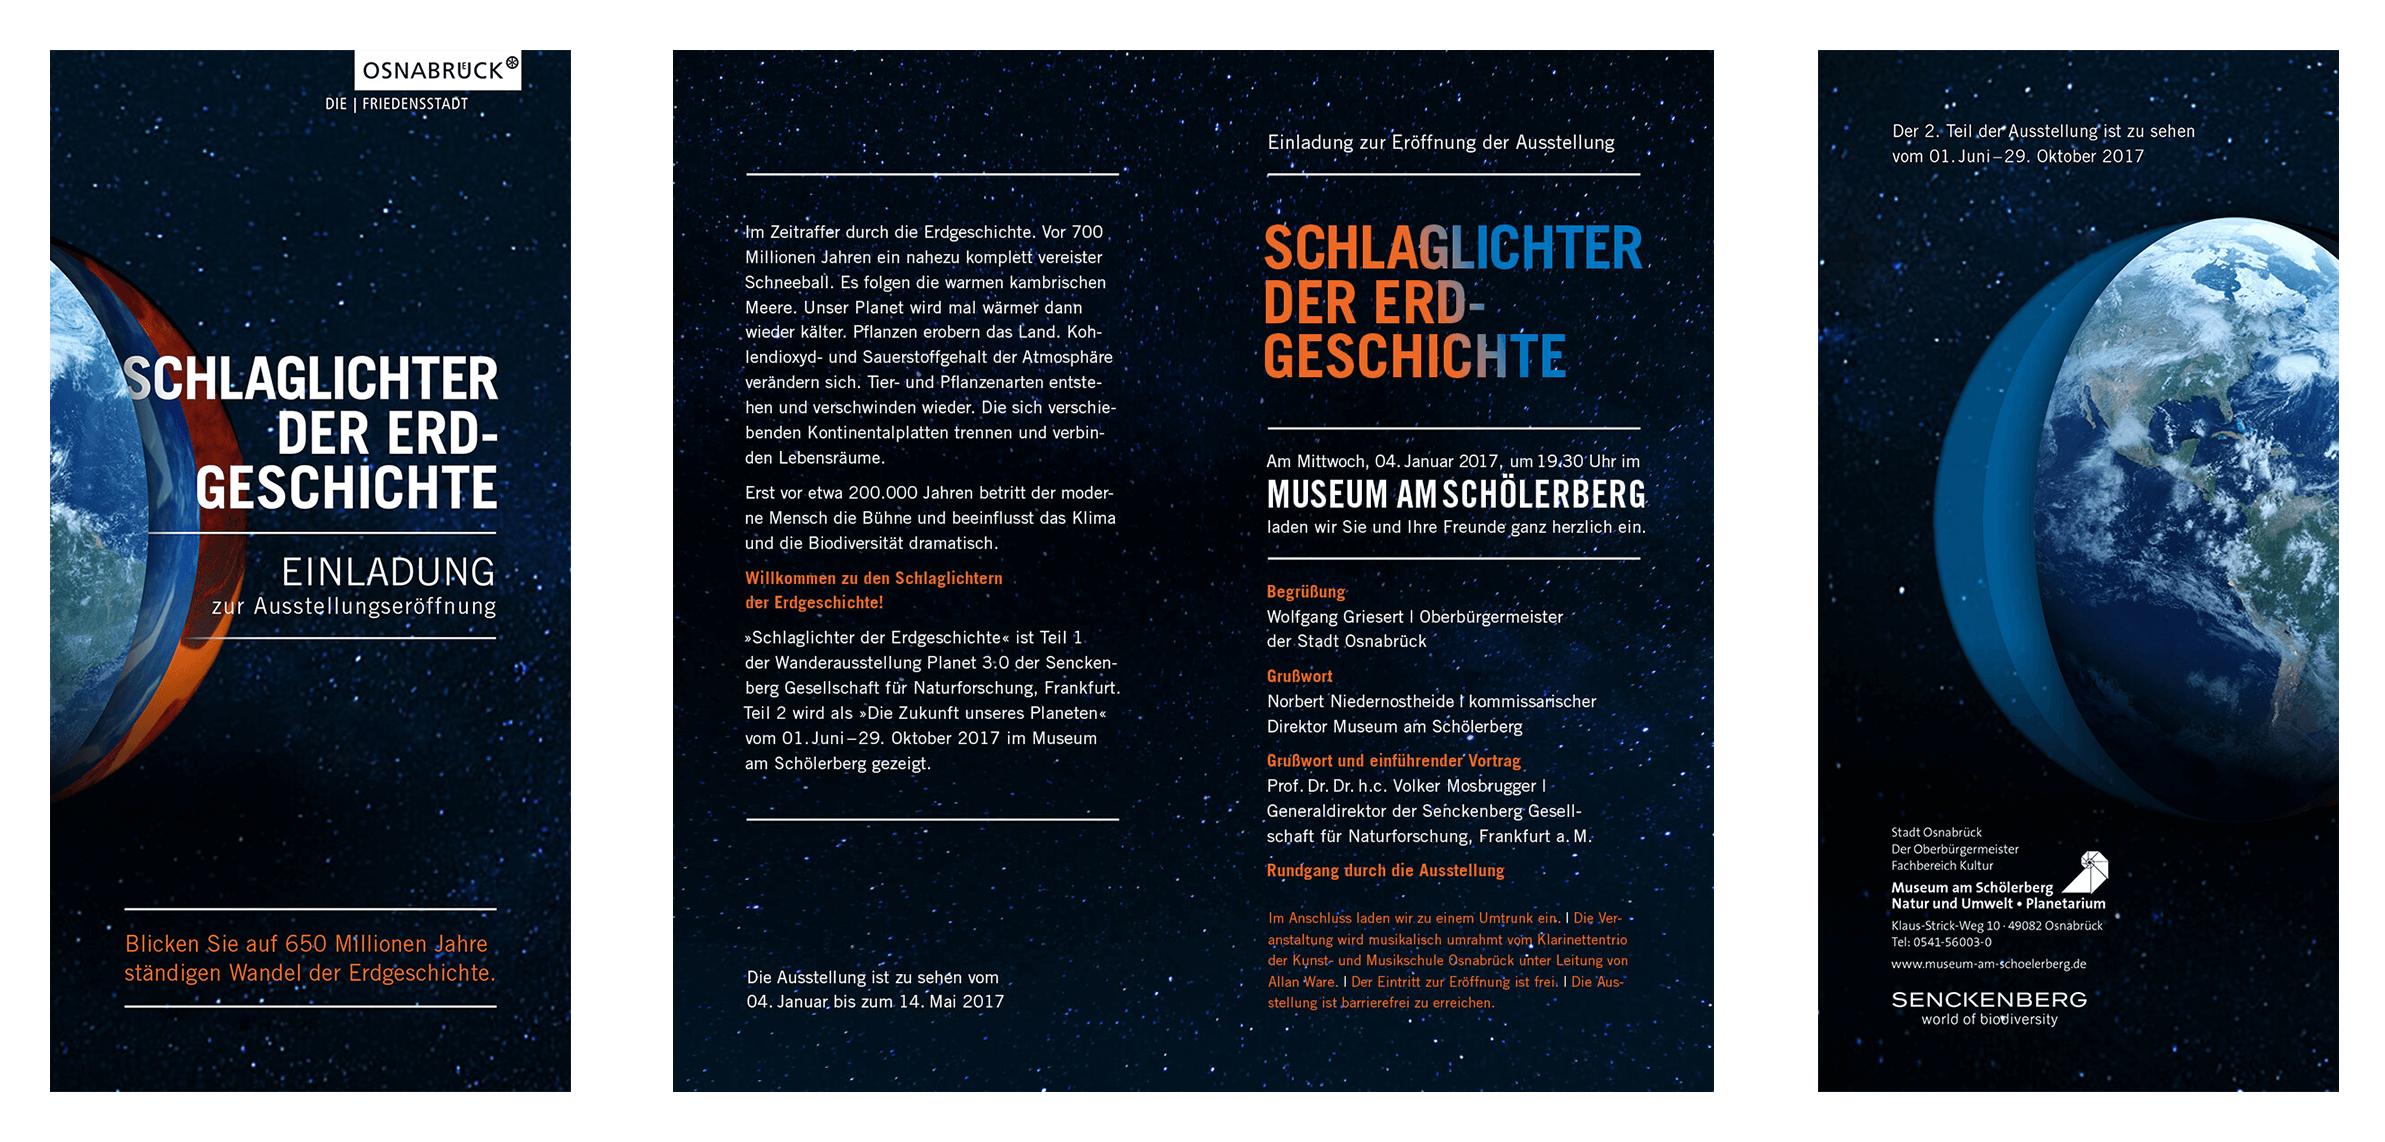 Die Einladung zur Klima-Austellung für das Museum am Schölerberg